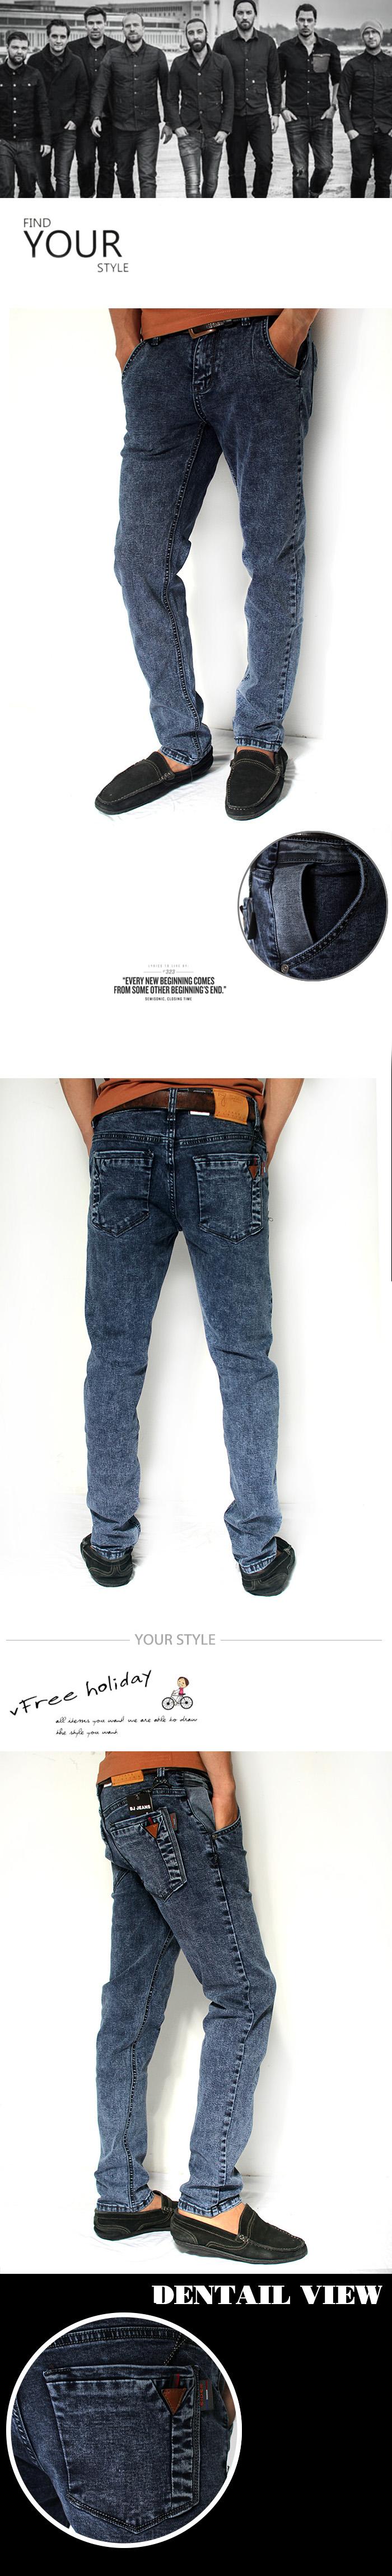 Quần jean xanh đen qj1165 - 1